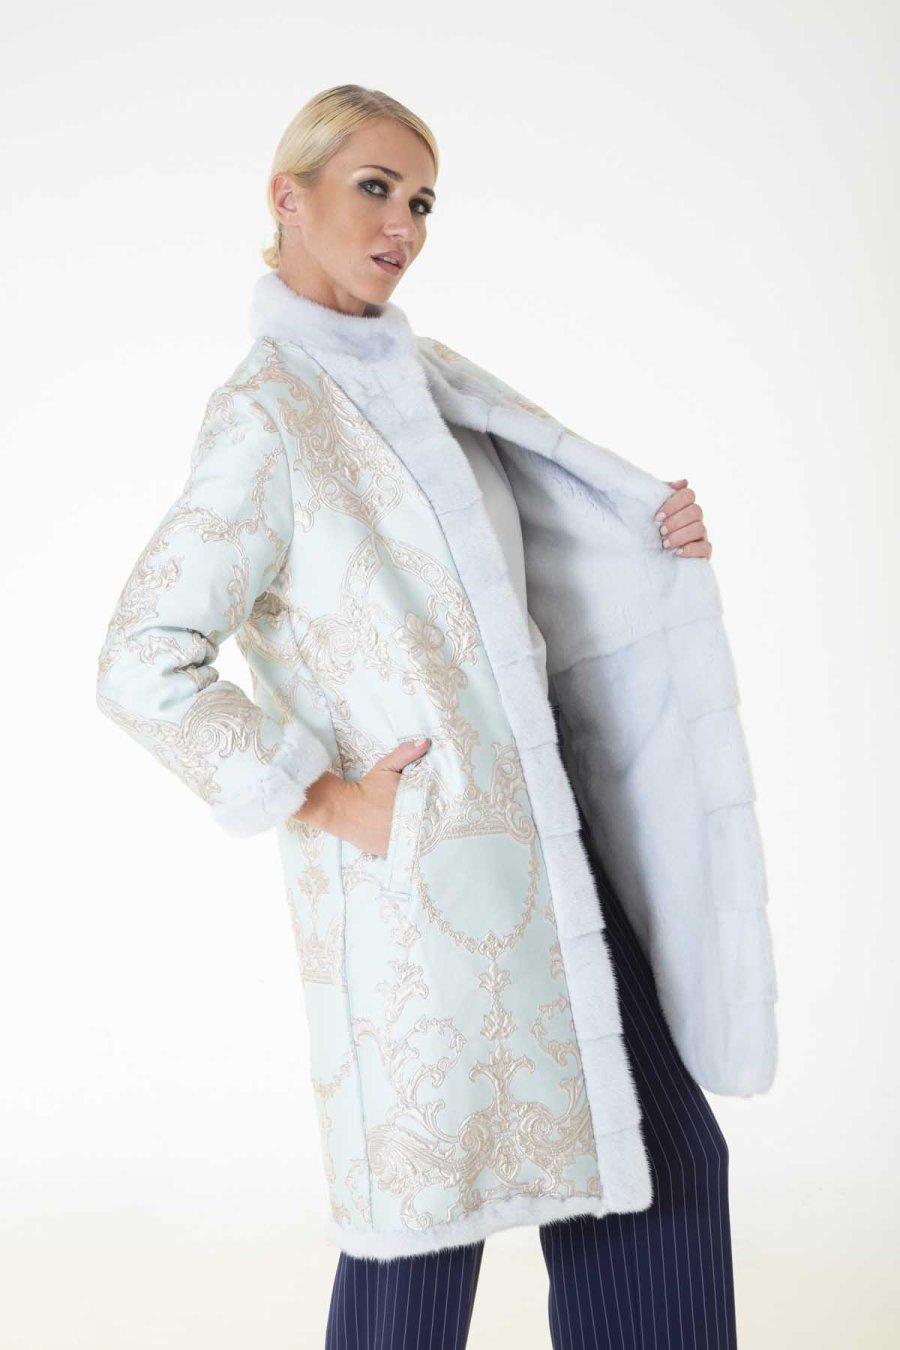 Verde Acqua Fabric and Female Mink Coat   Шуба из норки цвета Verde Acqua с внешней отделкой из ткани - Sarigianni Furs